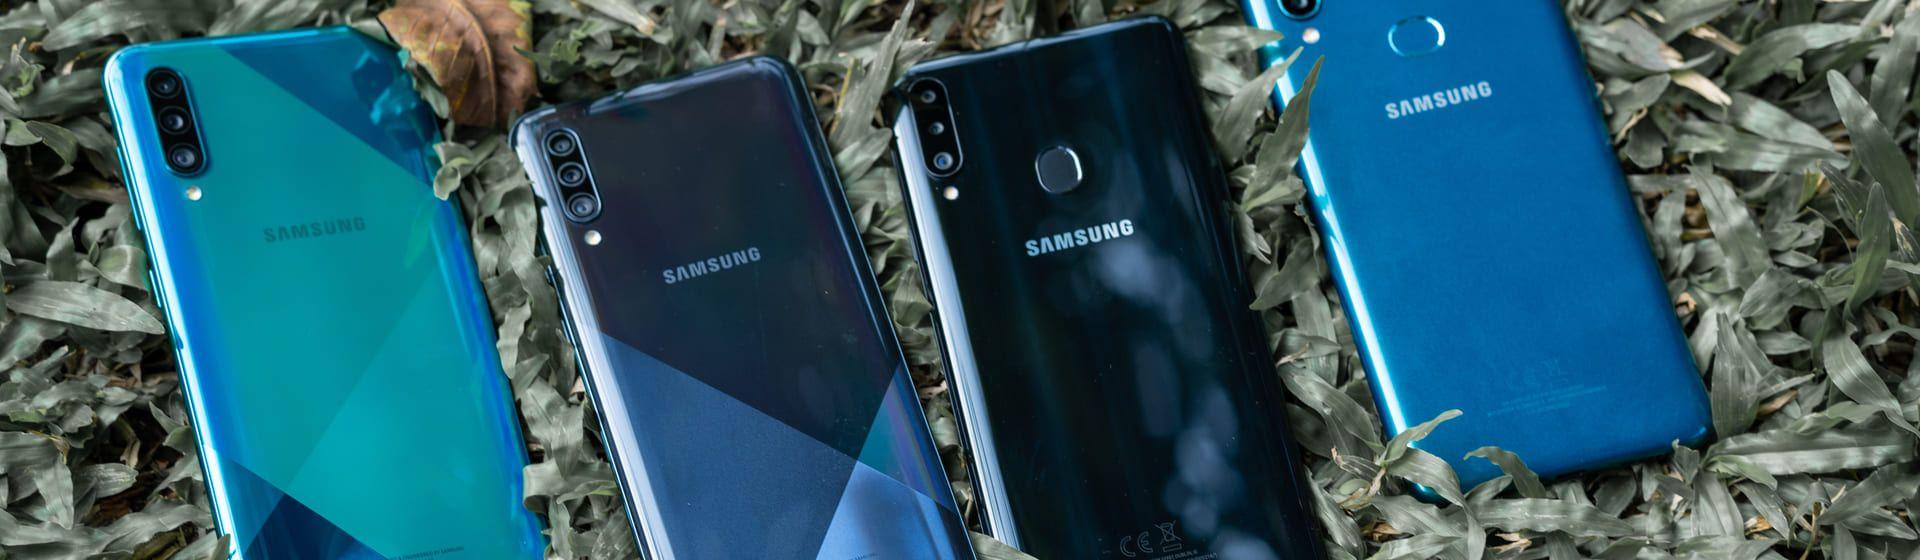 Celular Samsung 32GB: confira as melhores opções em 2021